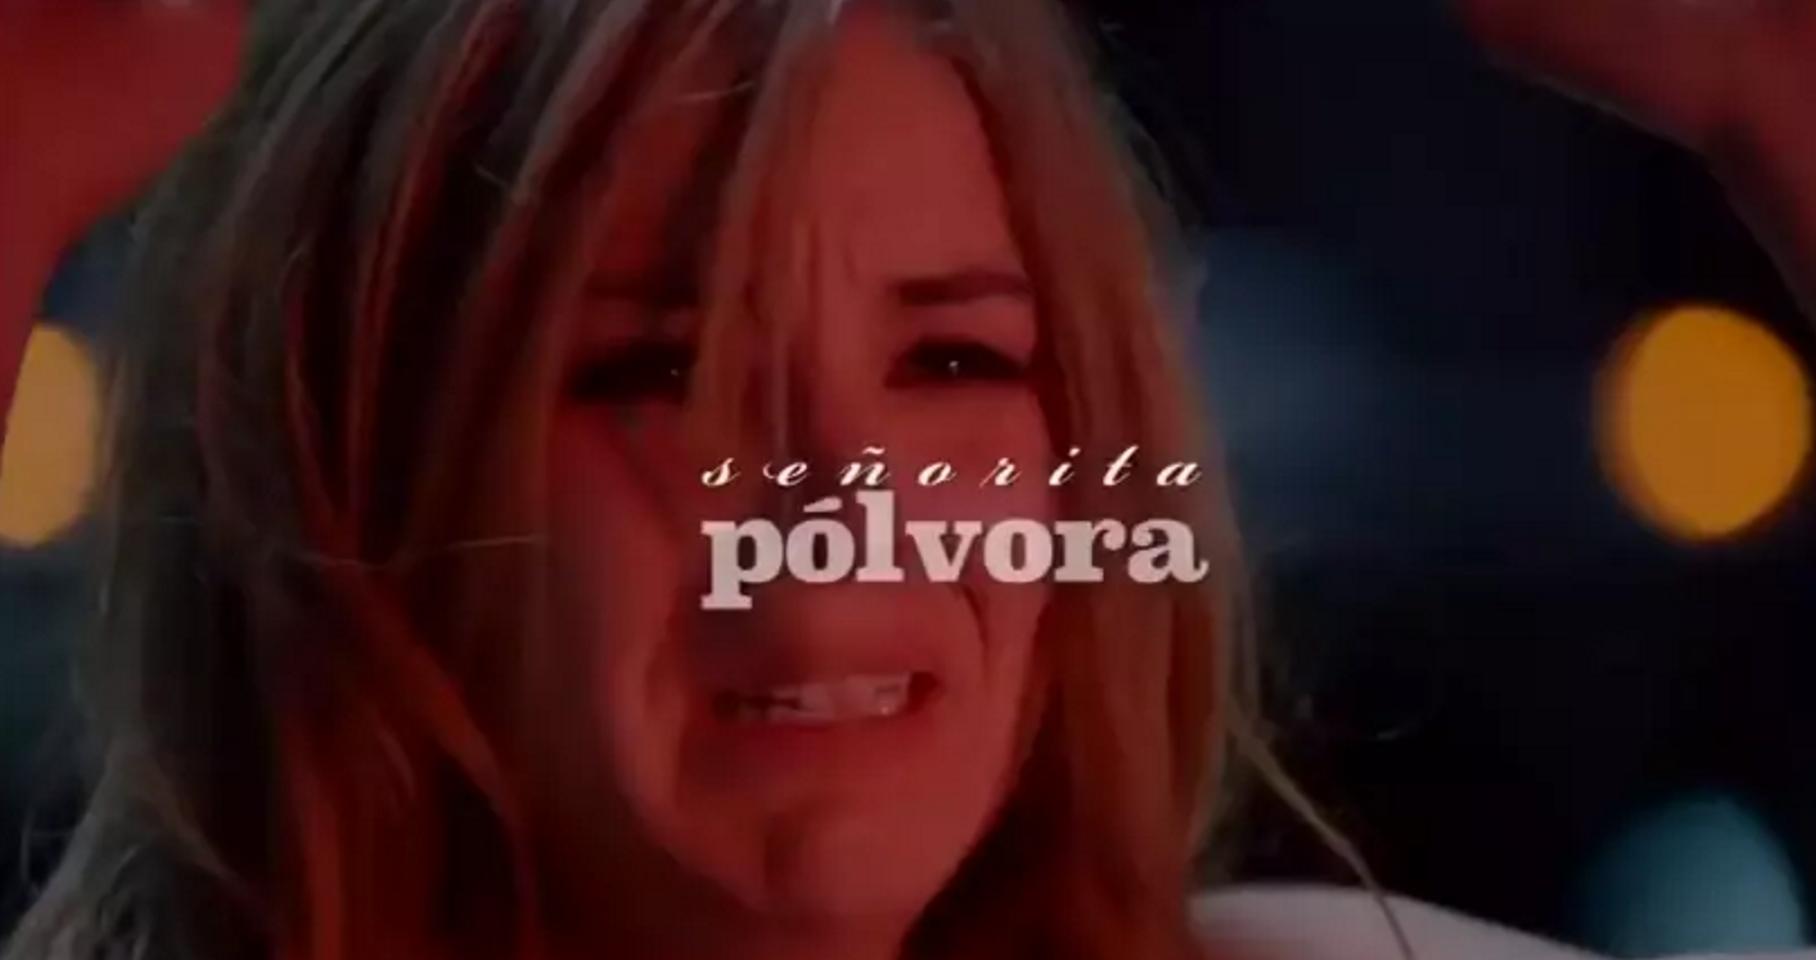 Señorita Pólvora – Tv Series (México)